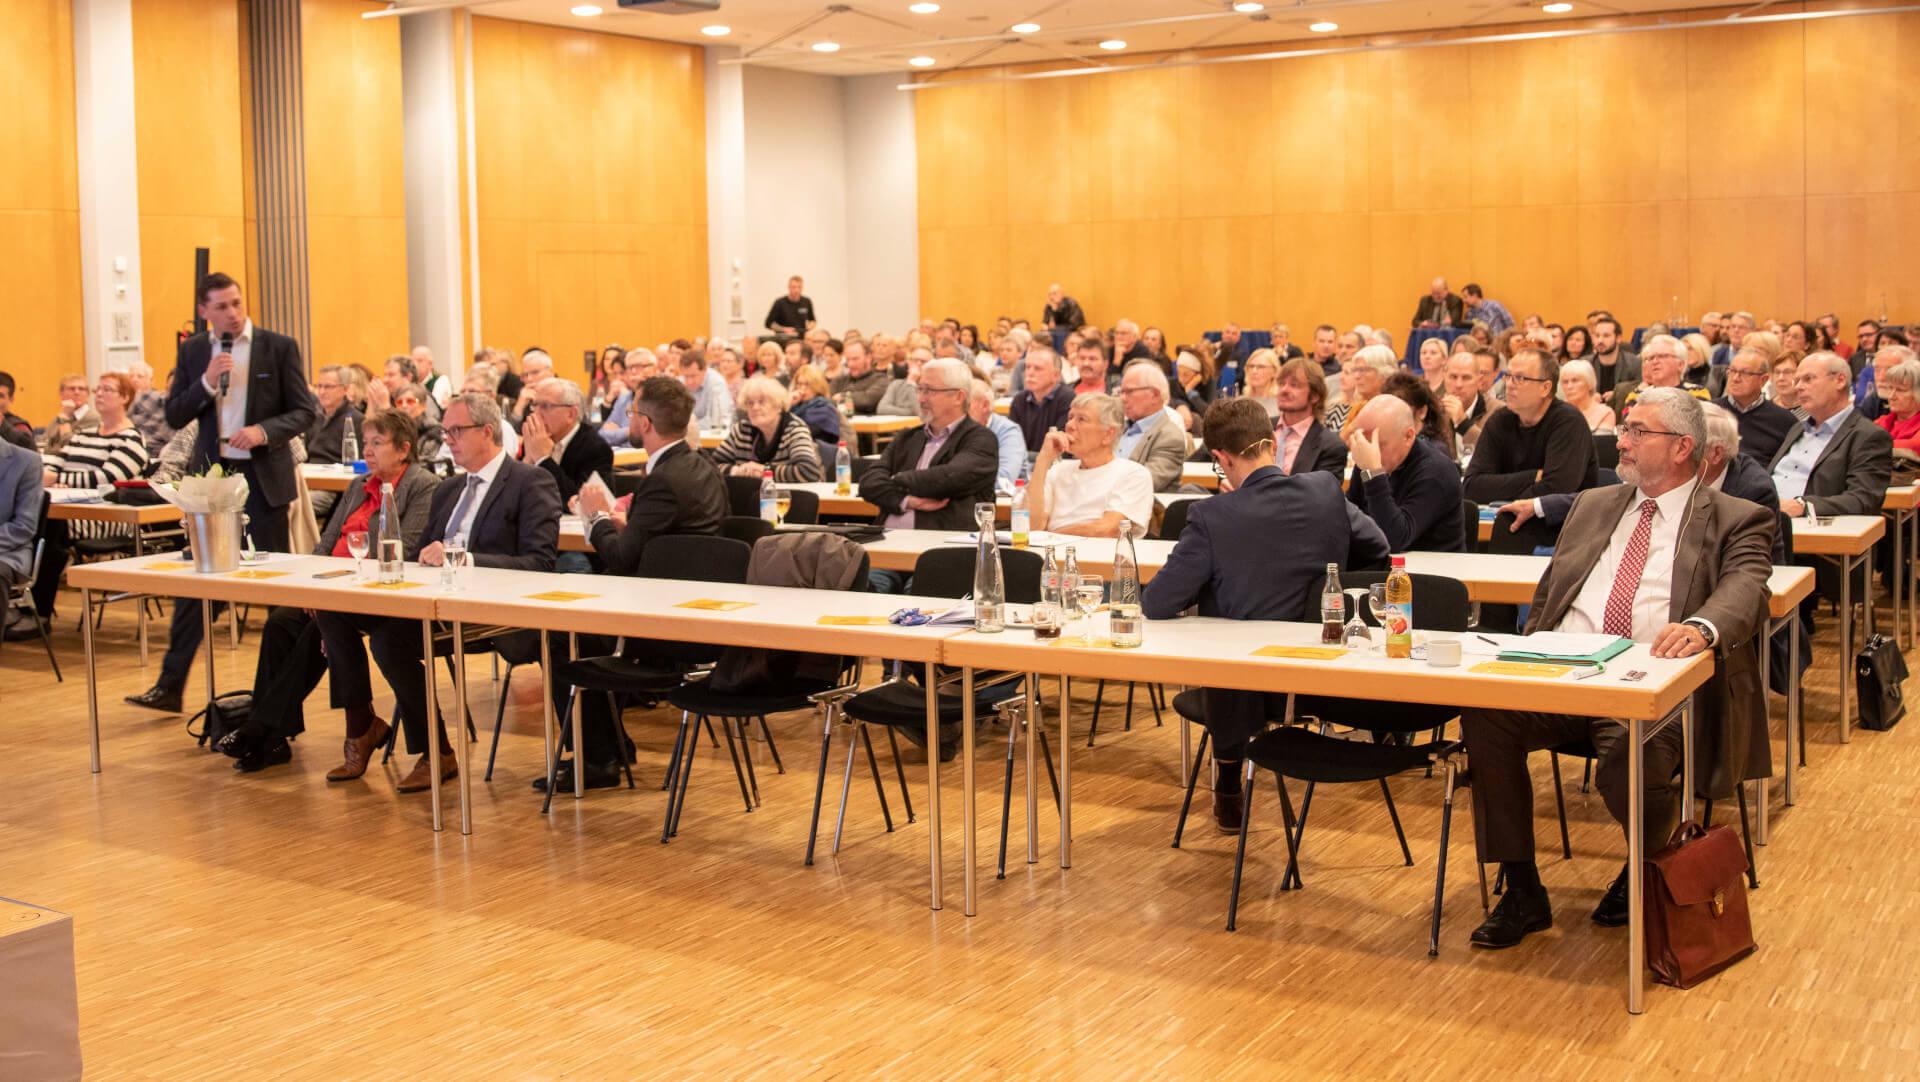 Teilnehmerrekord Eigentümer- und Beiratsforum